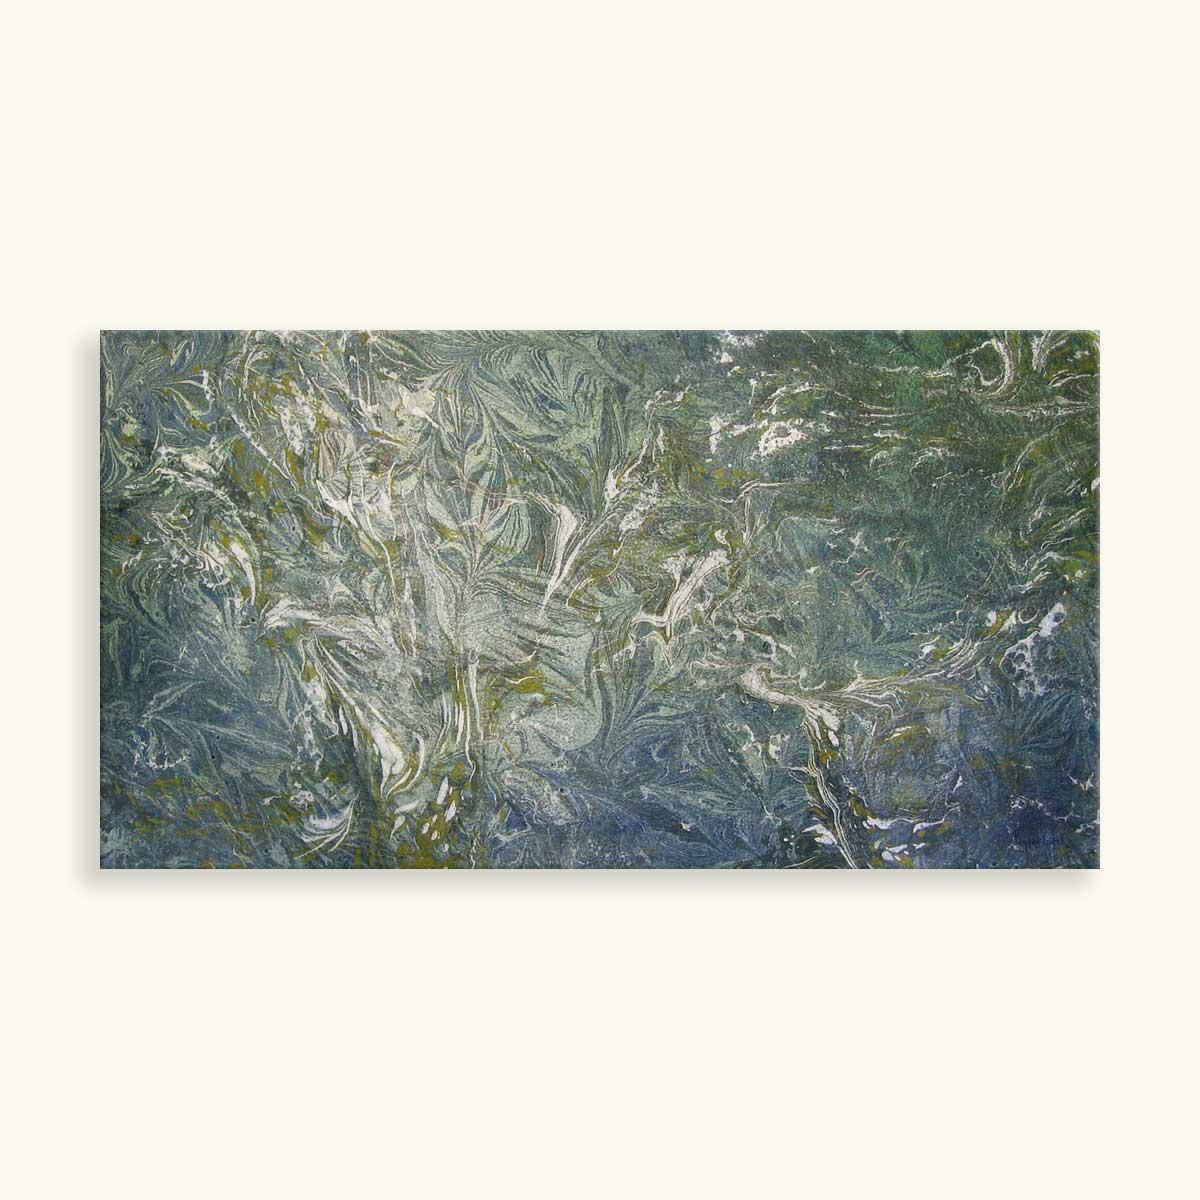 gürel ebrusu özgün kompozisyon No 35